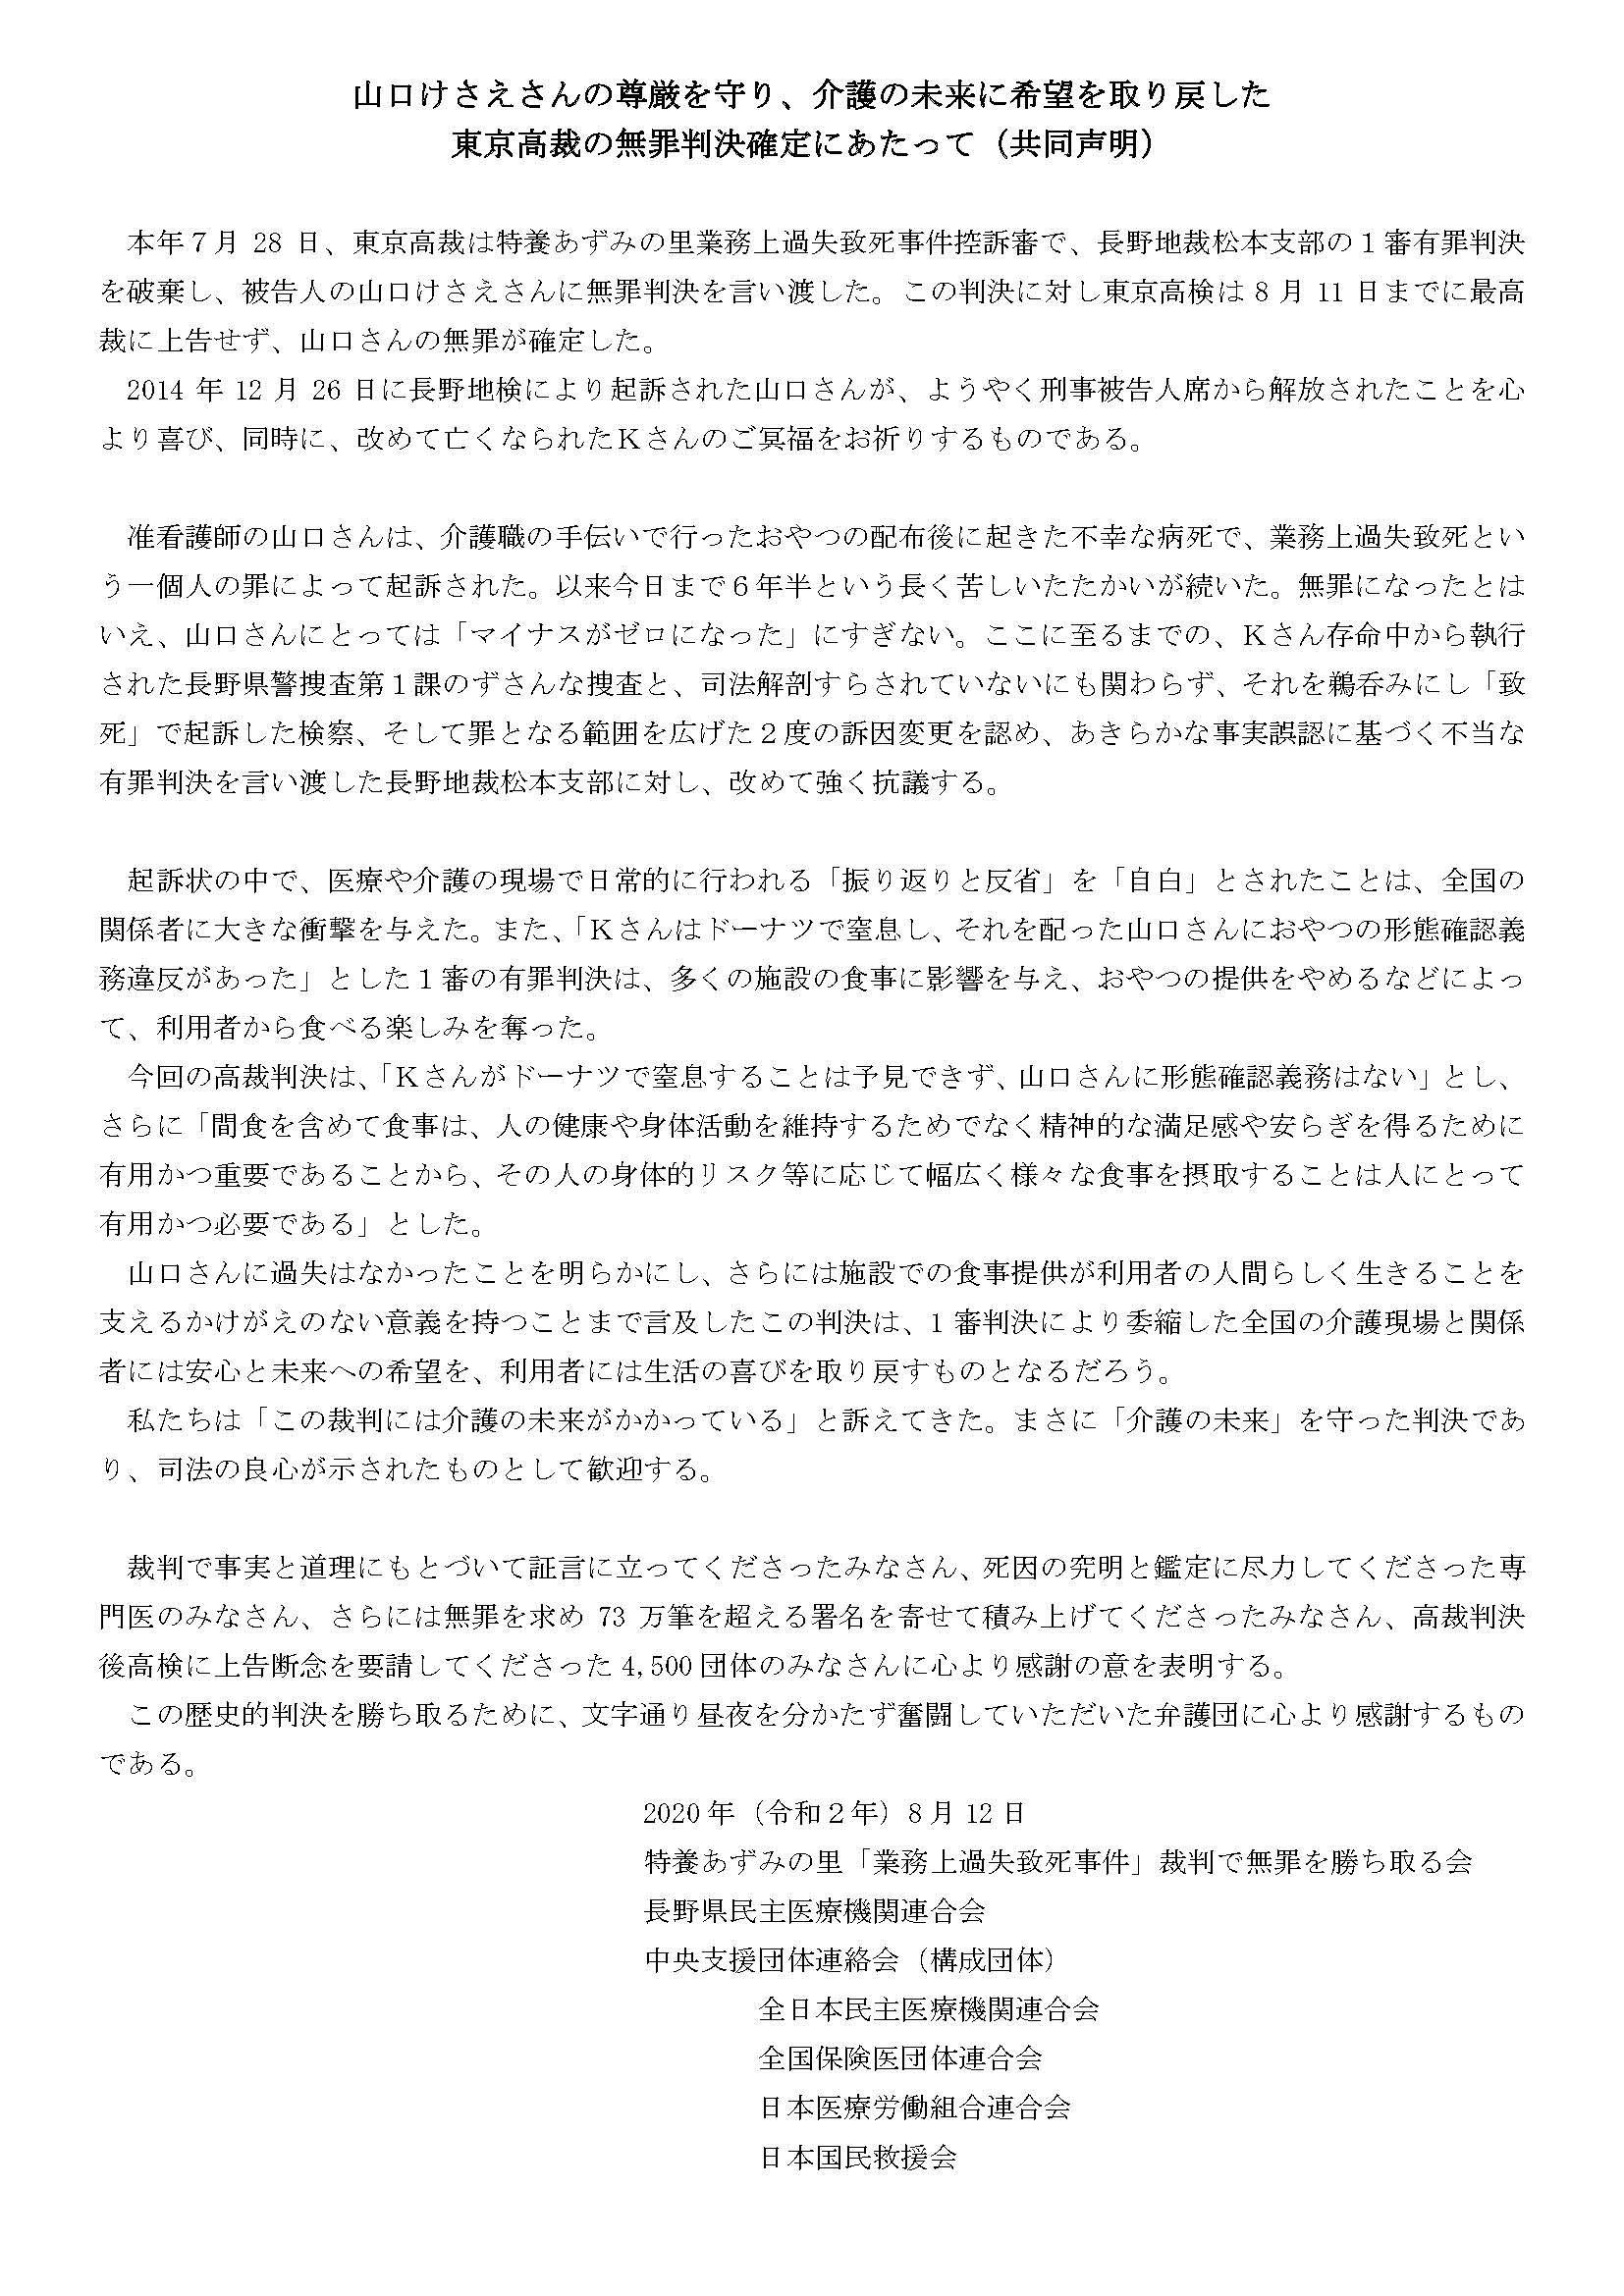 http://irouren.or.jp/news/3c68dee37f7eee74c61ecf31dff2da7dc9fb0129.jpg